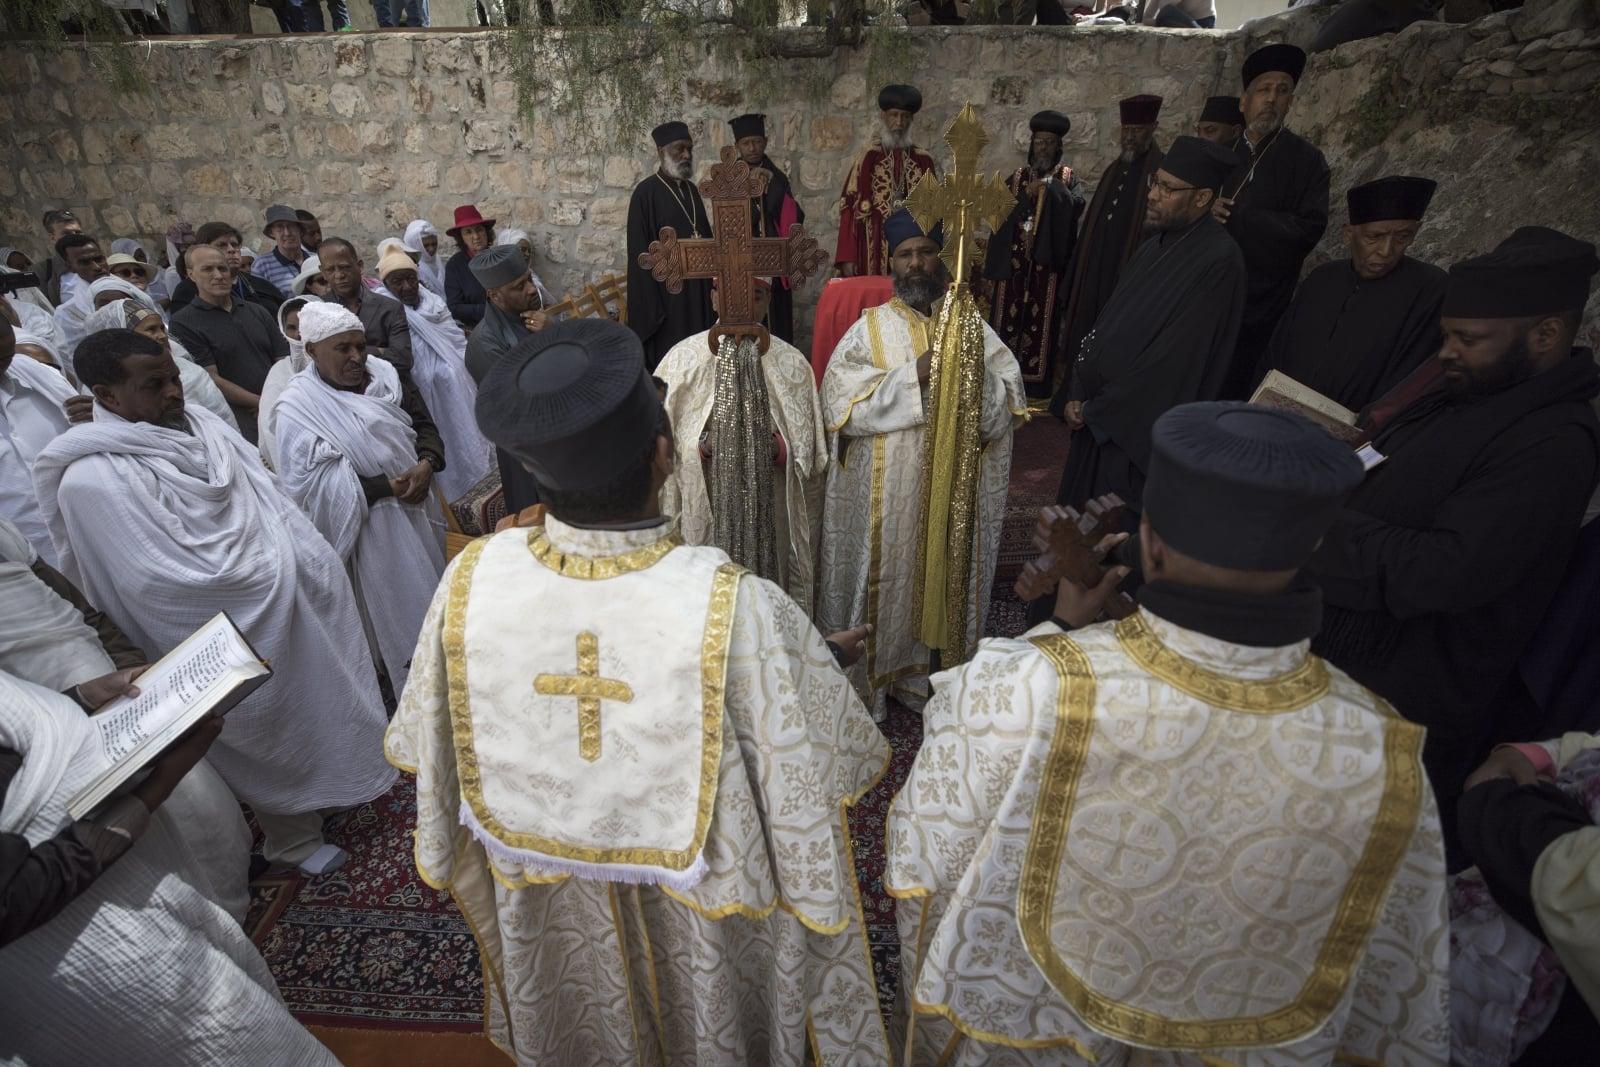 Wielki Tydzień w Kościele etiopskim  EPA/ATEF SAFADI